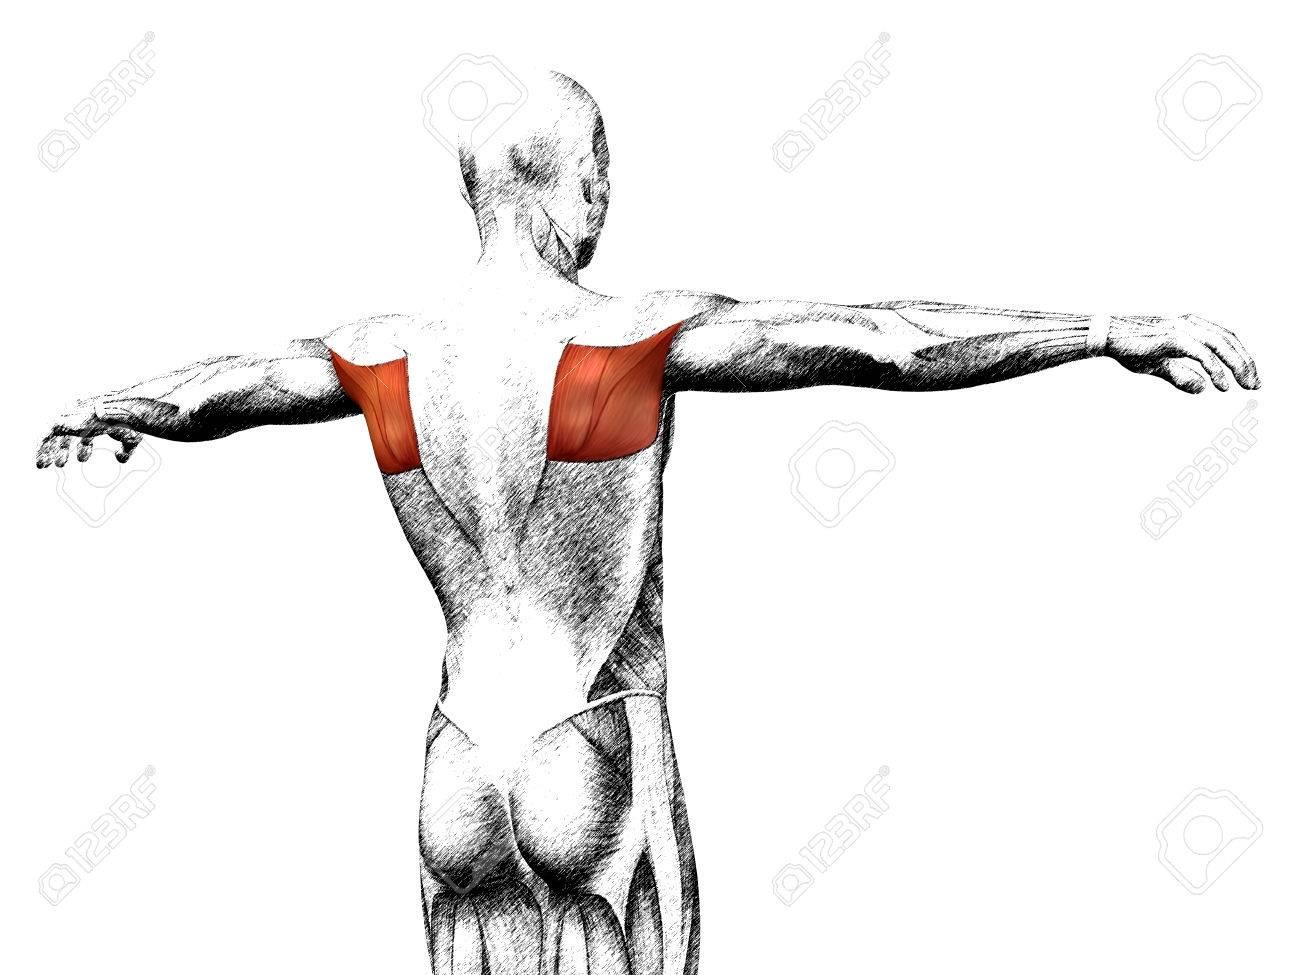 Großzügig Zurück Menschliche Anatomie Fotos - Menschliche Anatomie ...